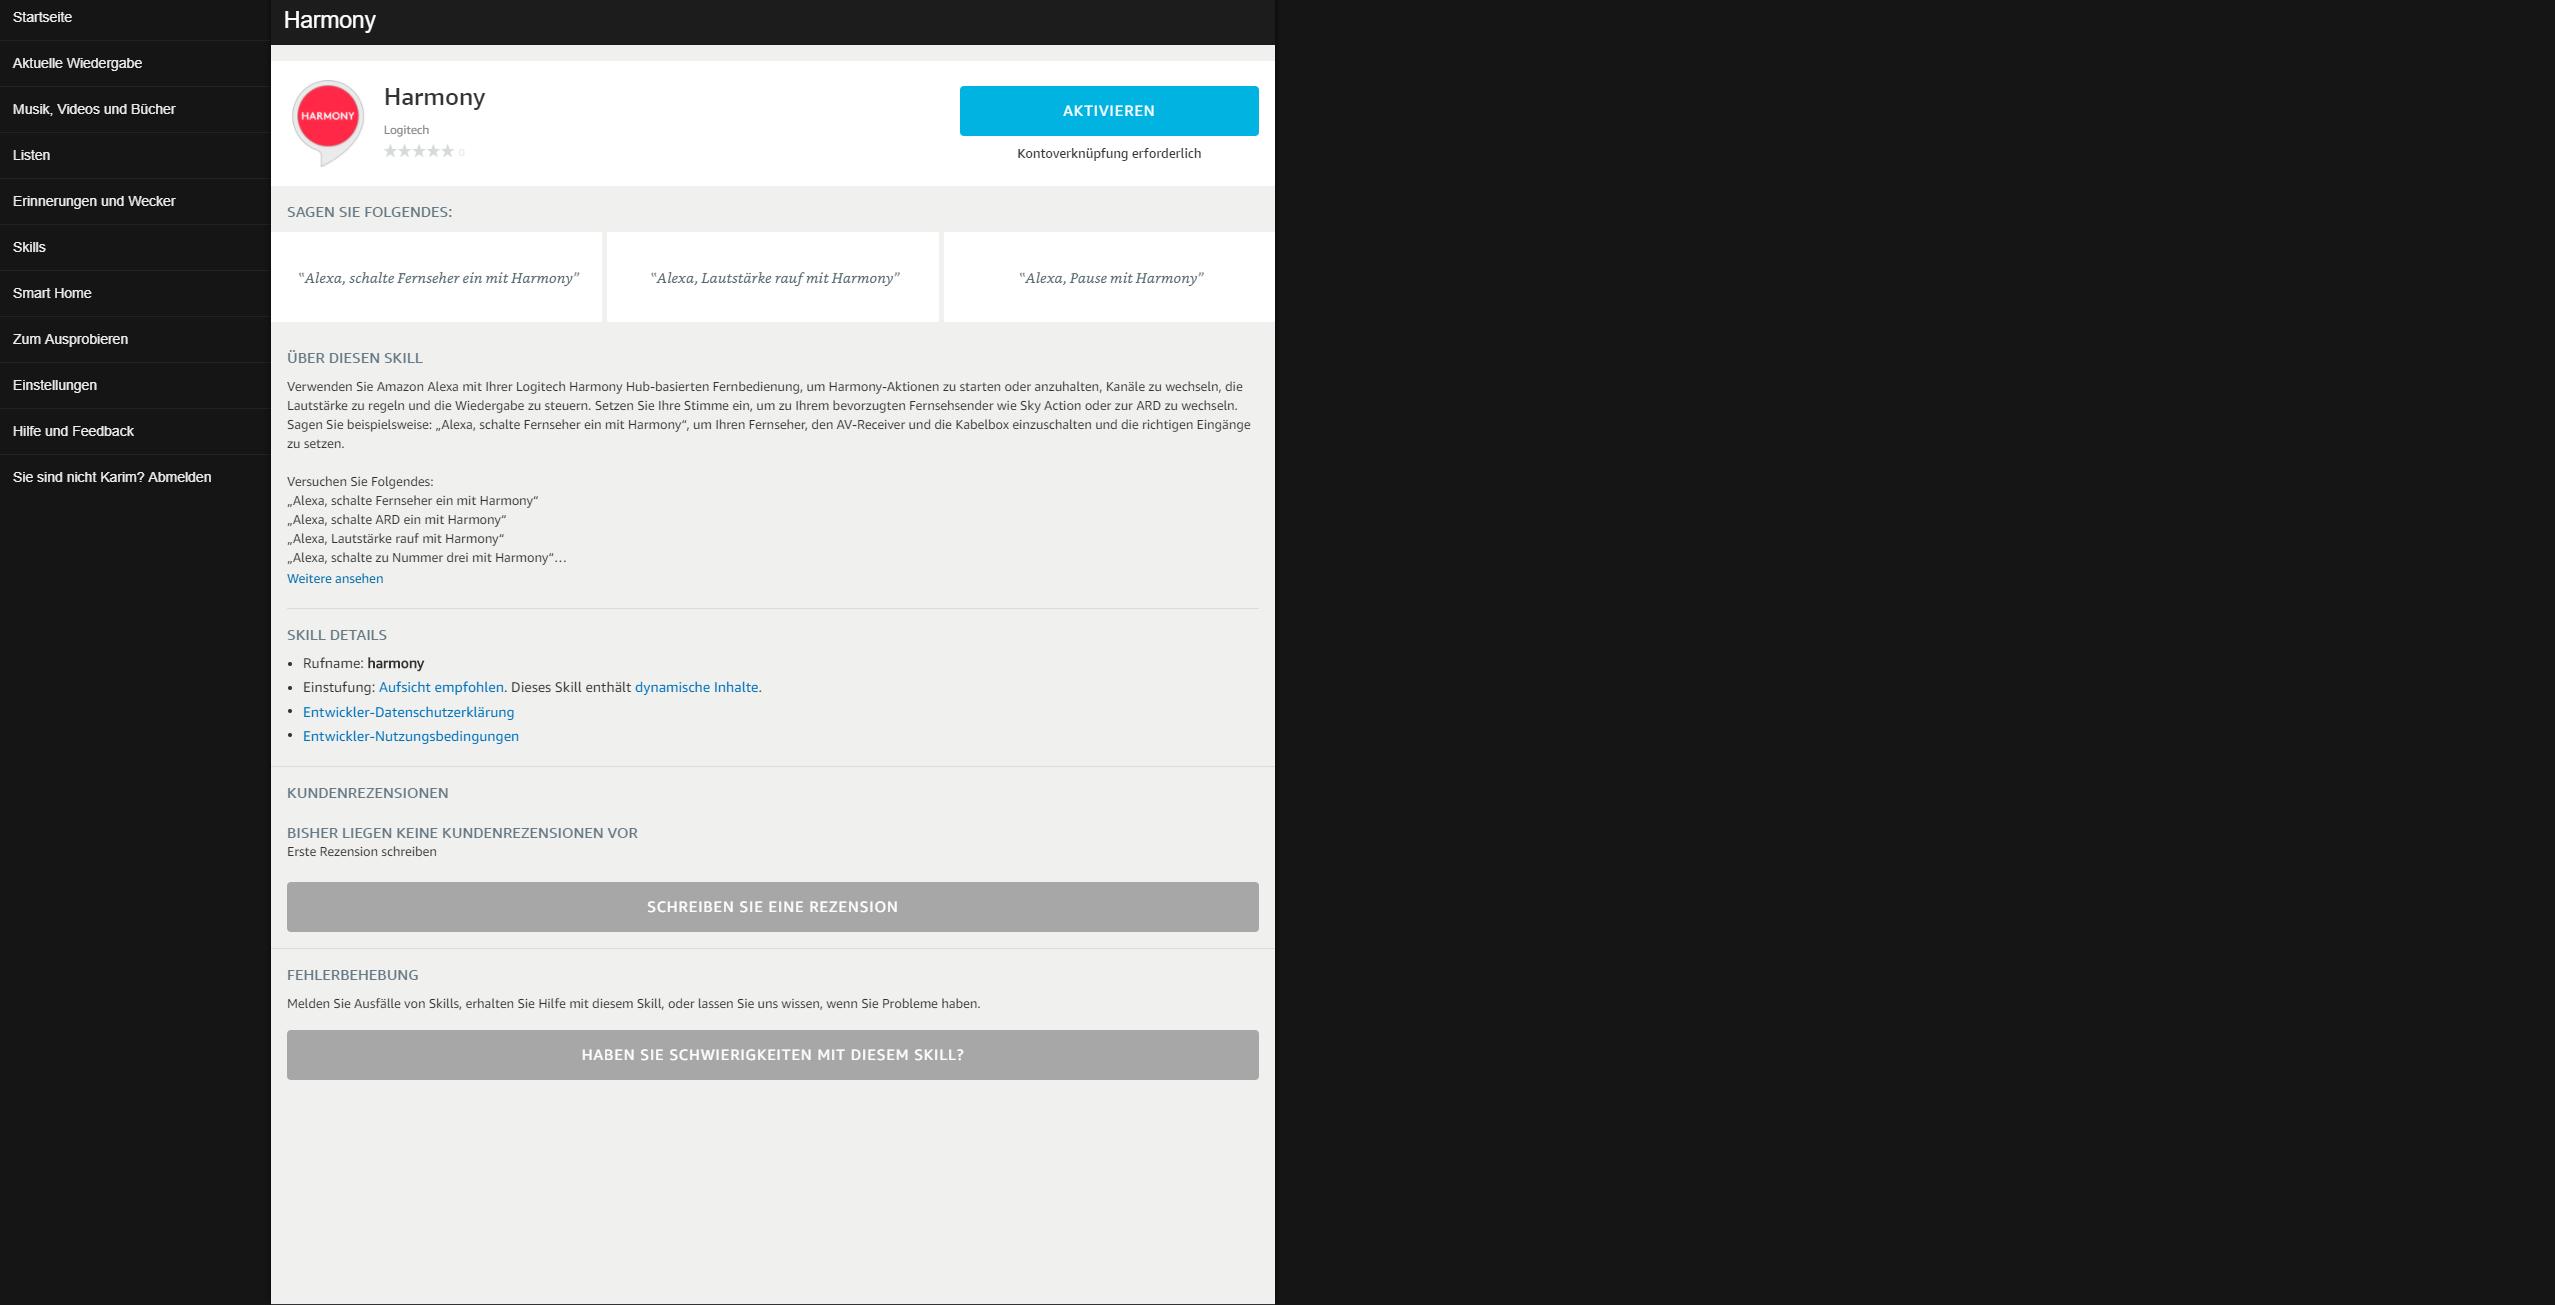 Logitech-Harmony-Skill-für-Amazon-Alexa-einrichten-1